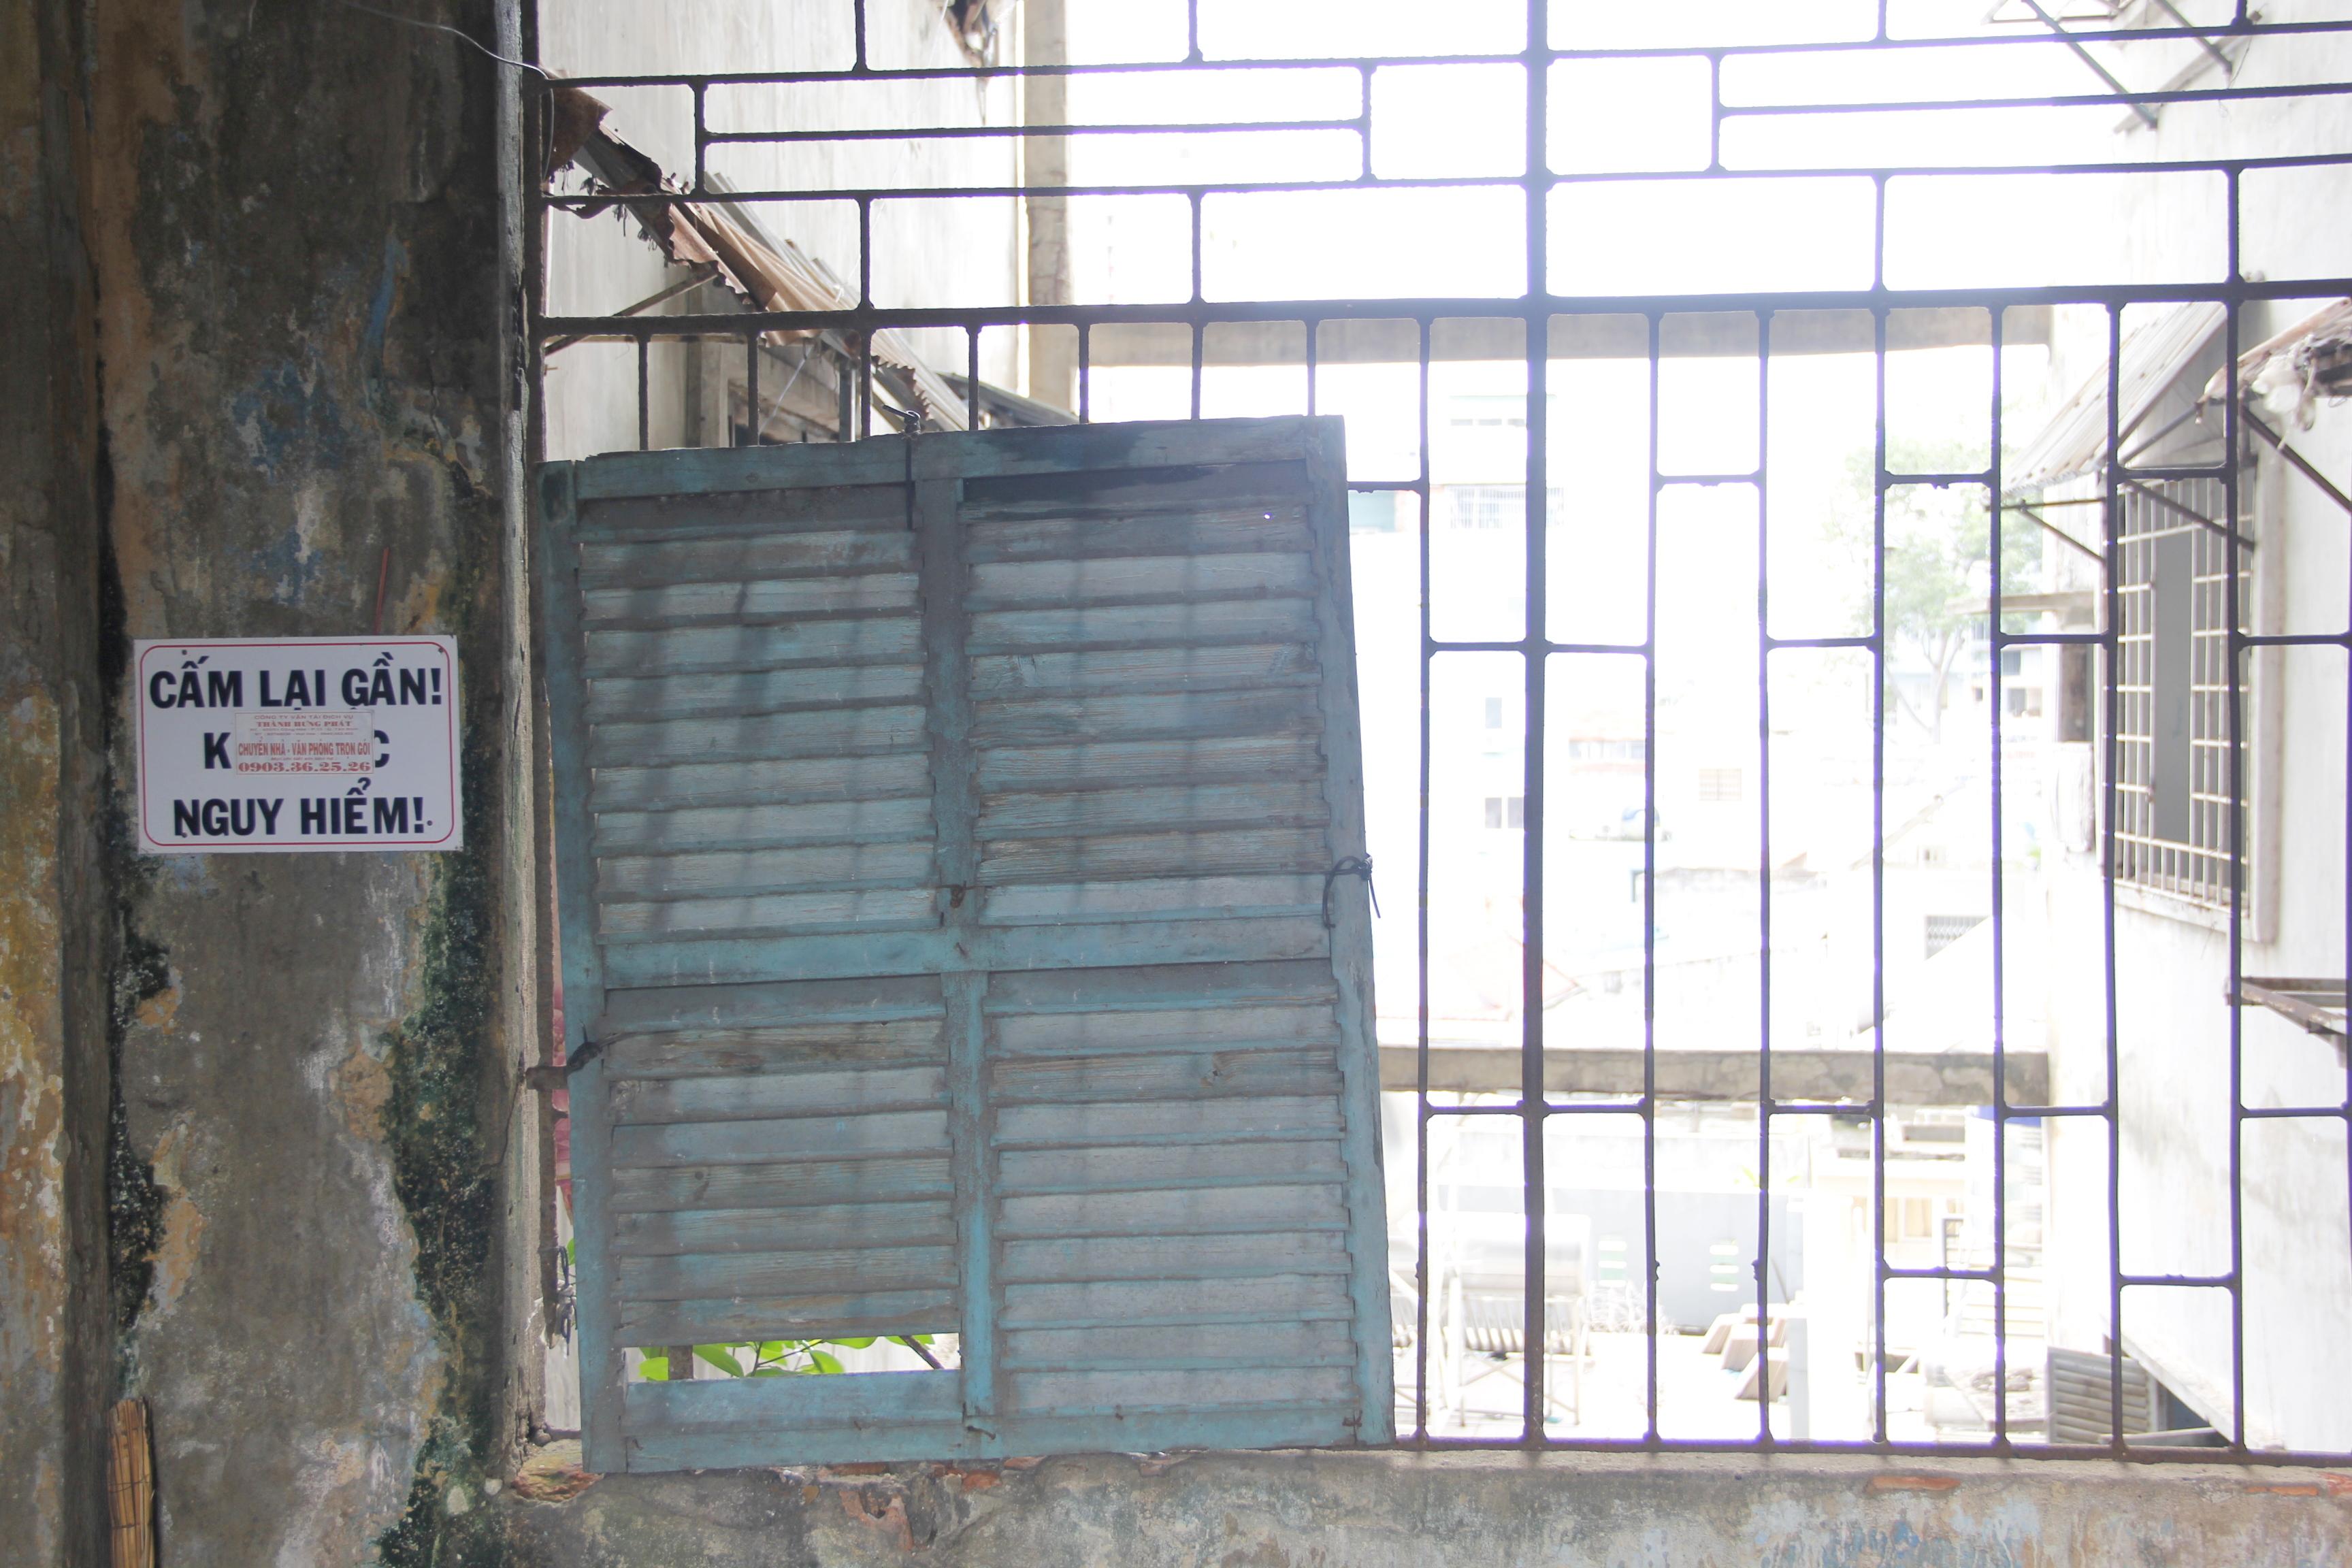 Hầu như các góc tường đều dán cảnh báo nguy hiểm